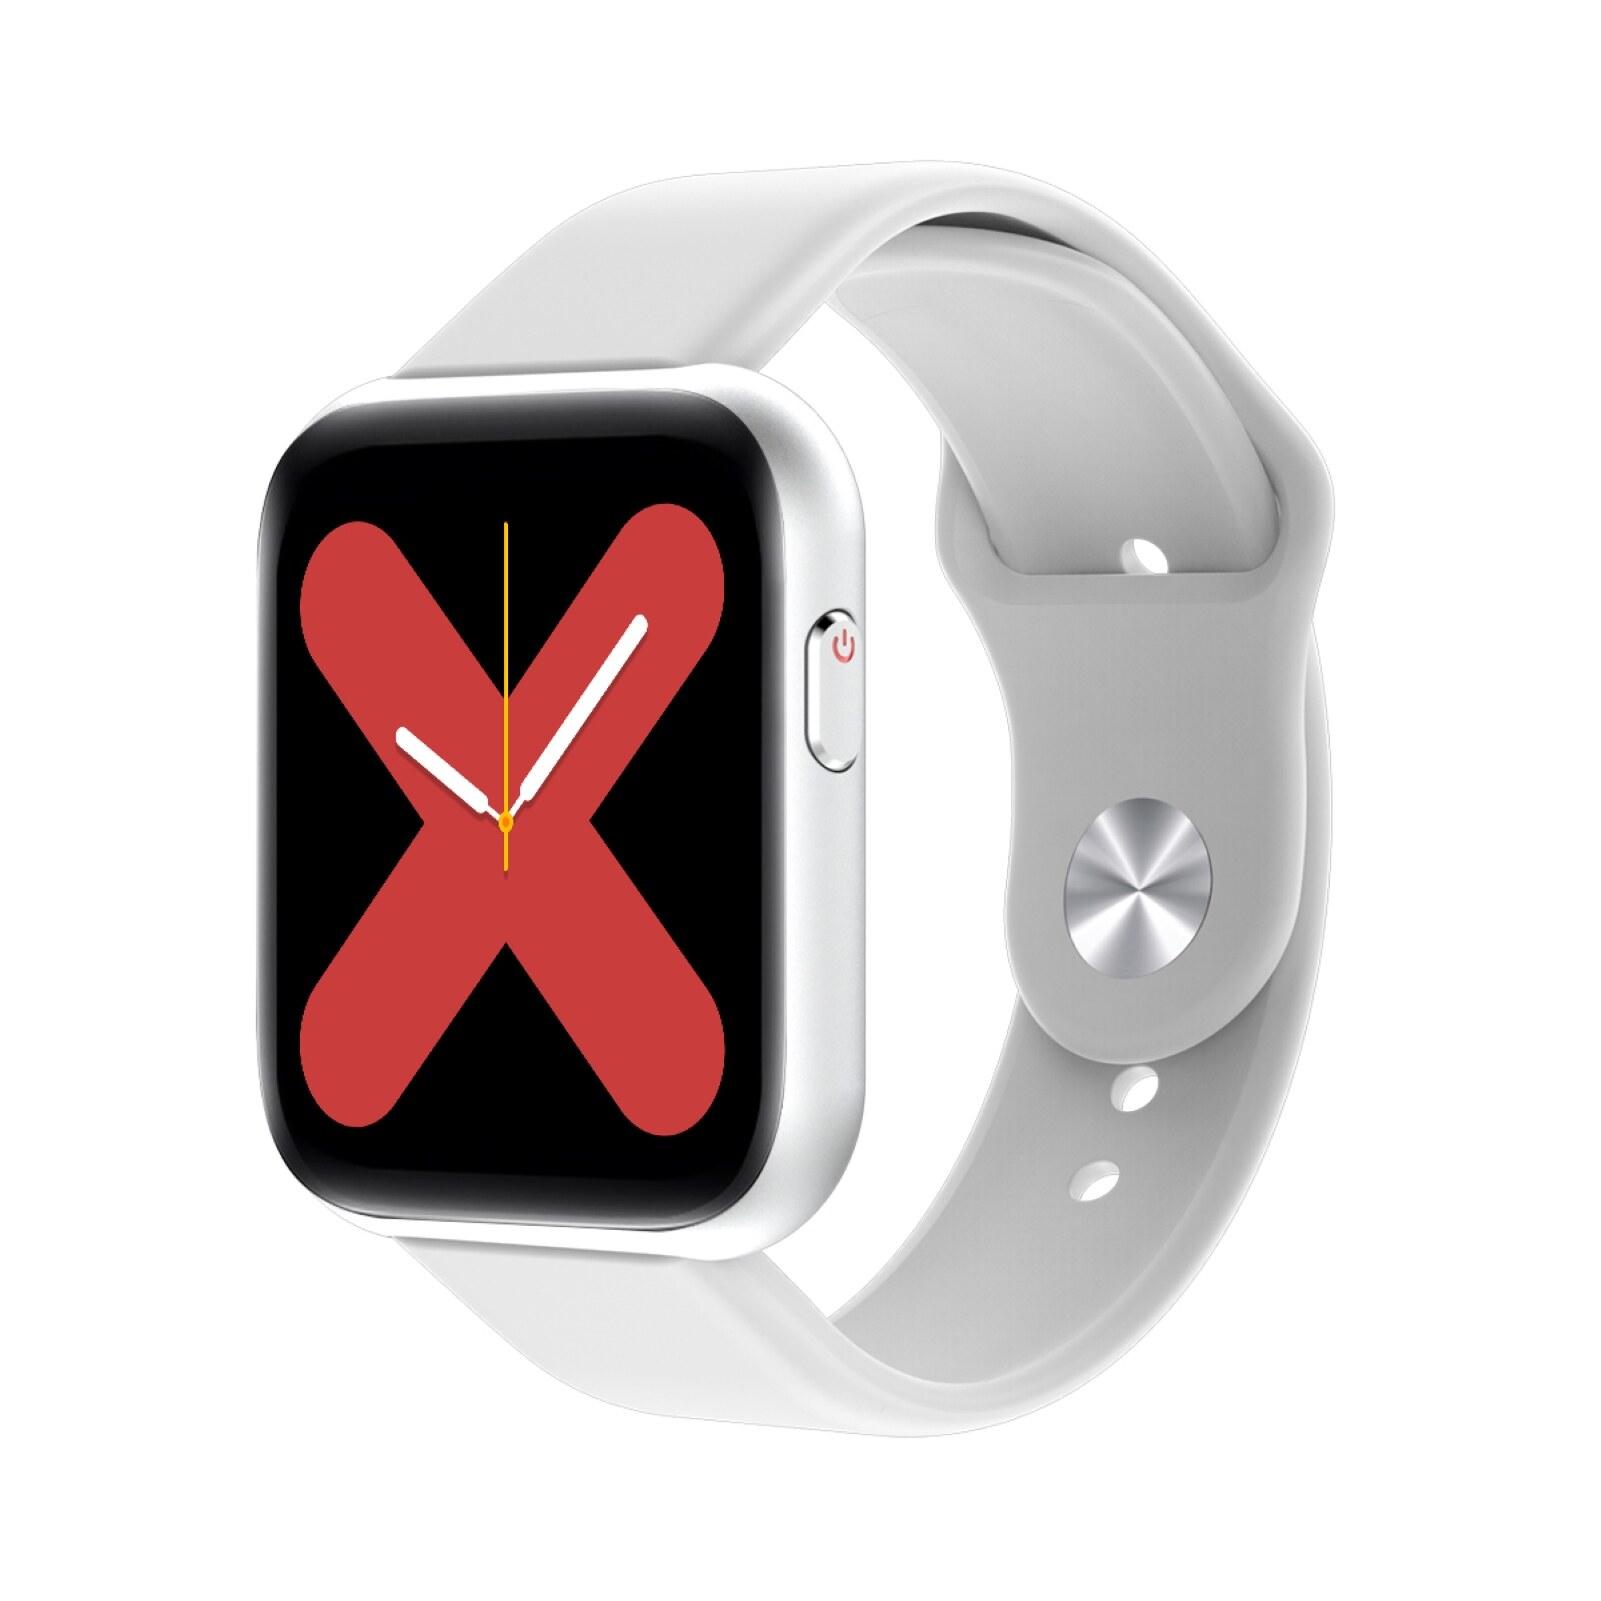 Vòng Đeo Tay Thể Thao Cảm Ứng Thông Minh Bluetooth Có Thể Sạc Lại Y68 Plus Tập Thể Dục Tracker, Xem Đồng Hồ Thông Minh Có Mặt Số Y68Plus Mới Cho 2020 Smartwatch Đồng Hồ Thông Minh Thể Thao Bluetooth Chống Nước Tập Thể Dục Tracker